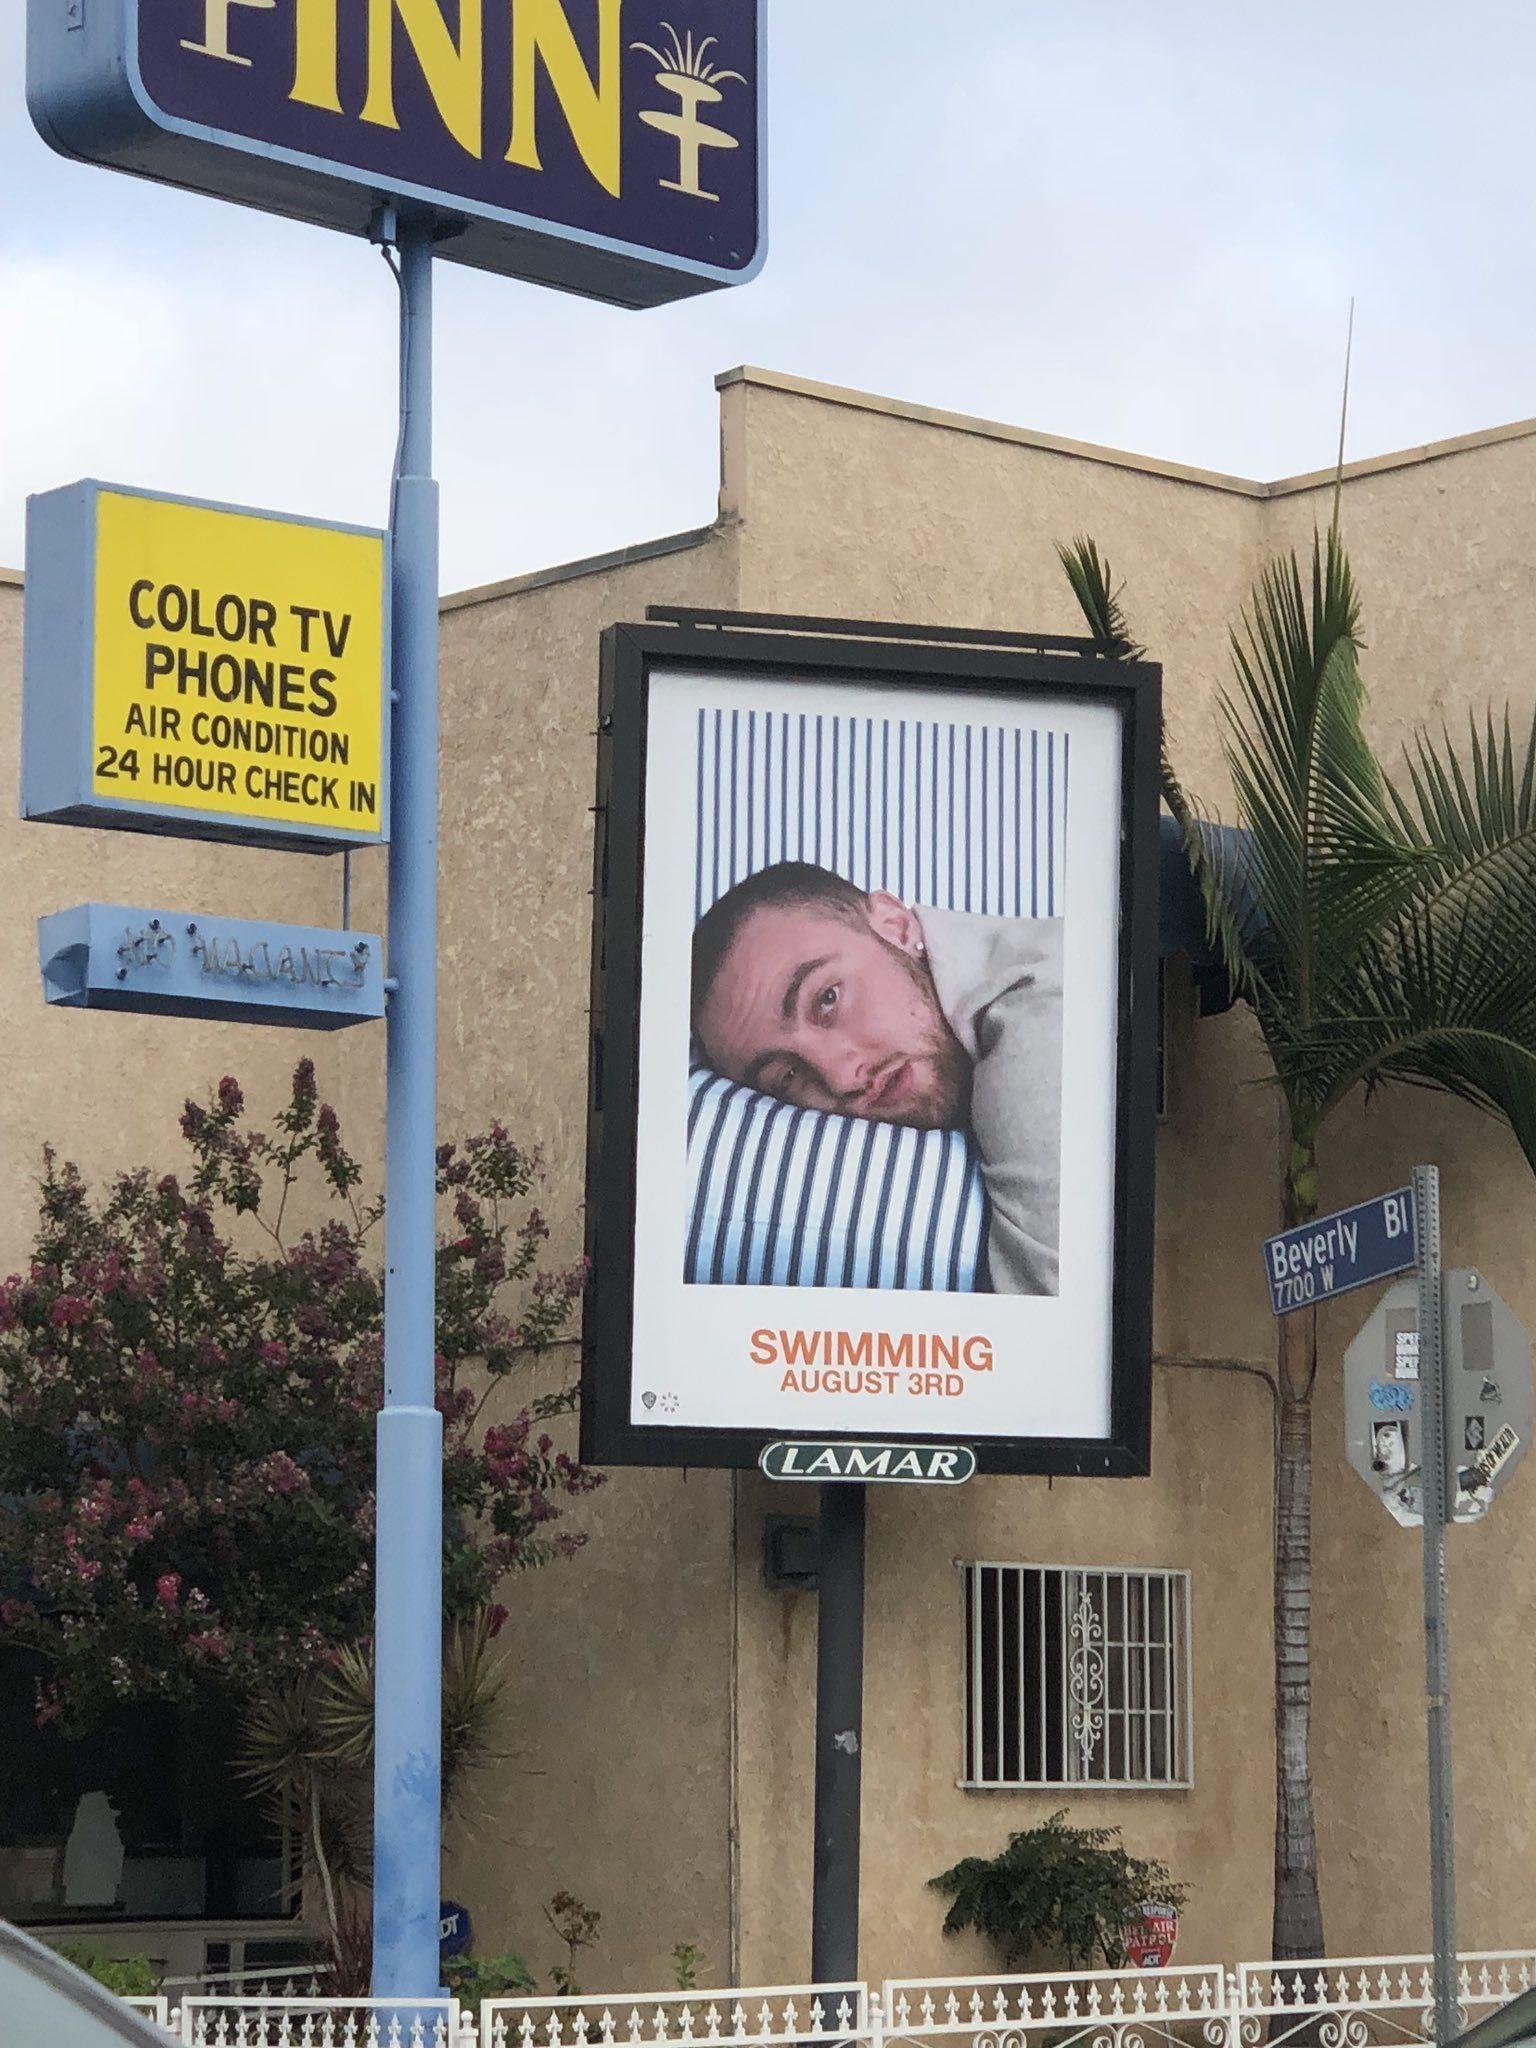 Mac Miller Swimming ad #macmiller Mac Miller Swimming ad #macmiller Mac Miller Swimming ad #macmiller Mac Miller Swimming ad #macmiller